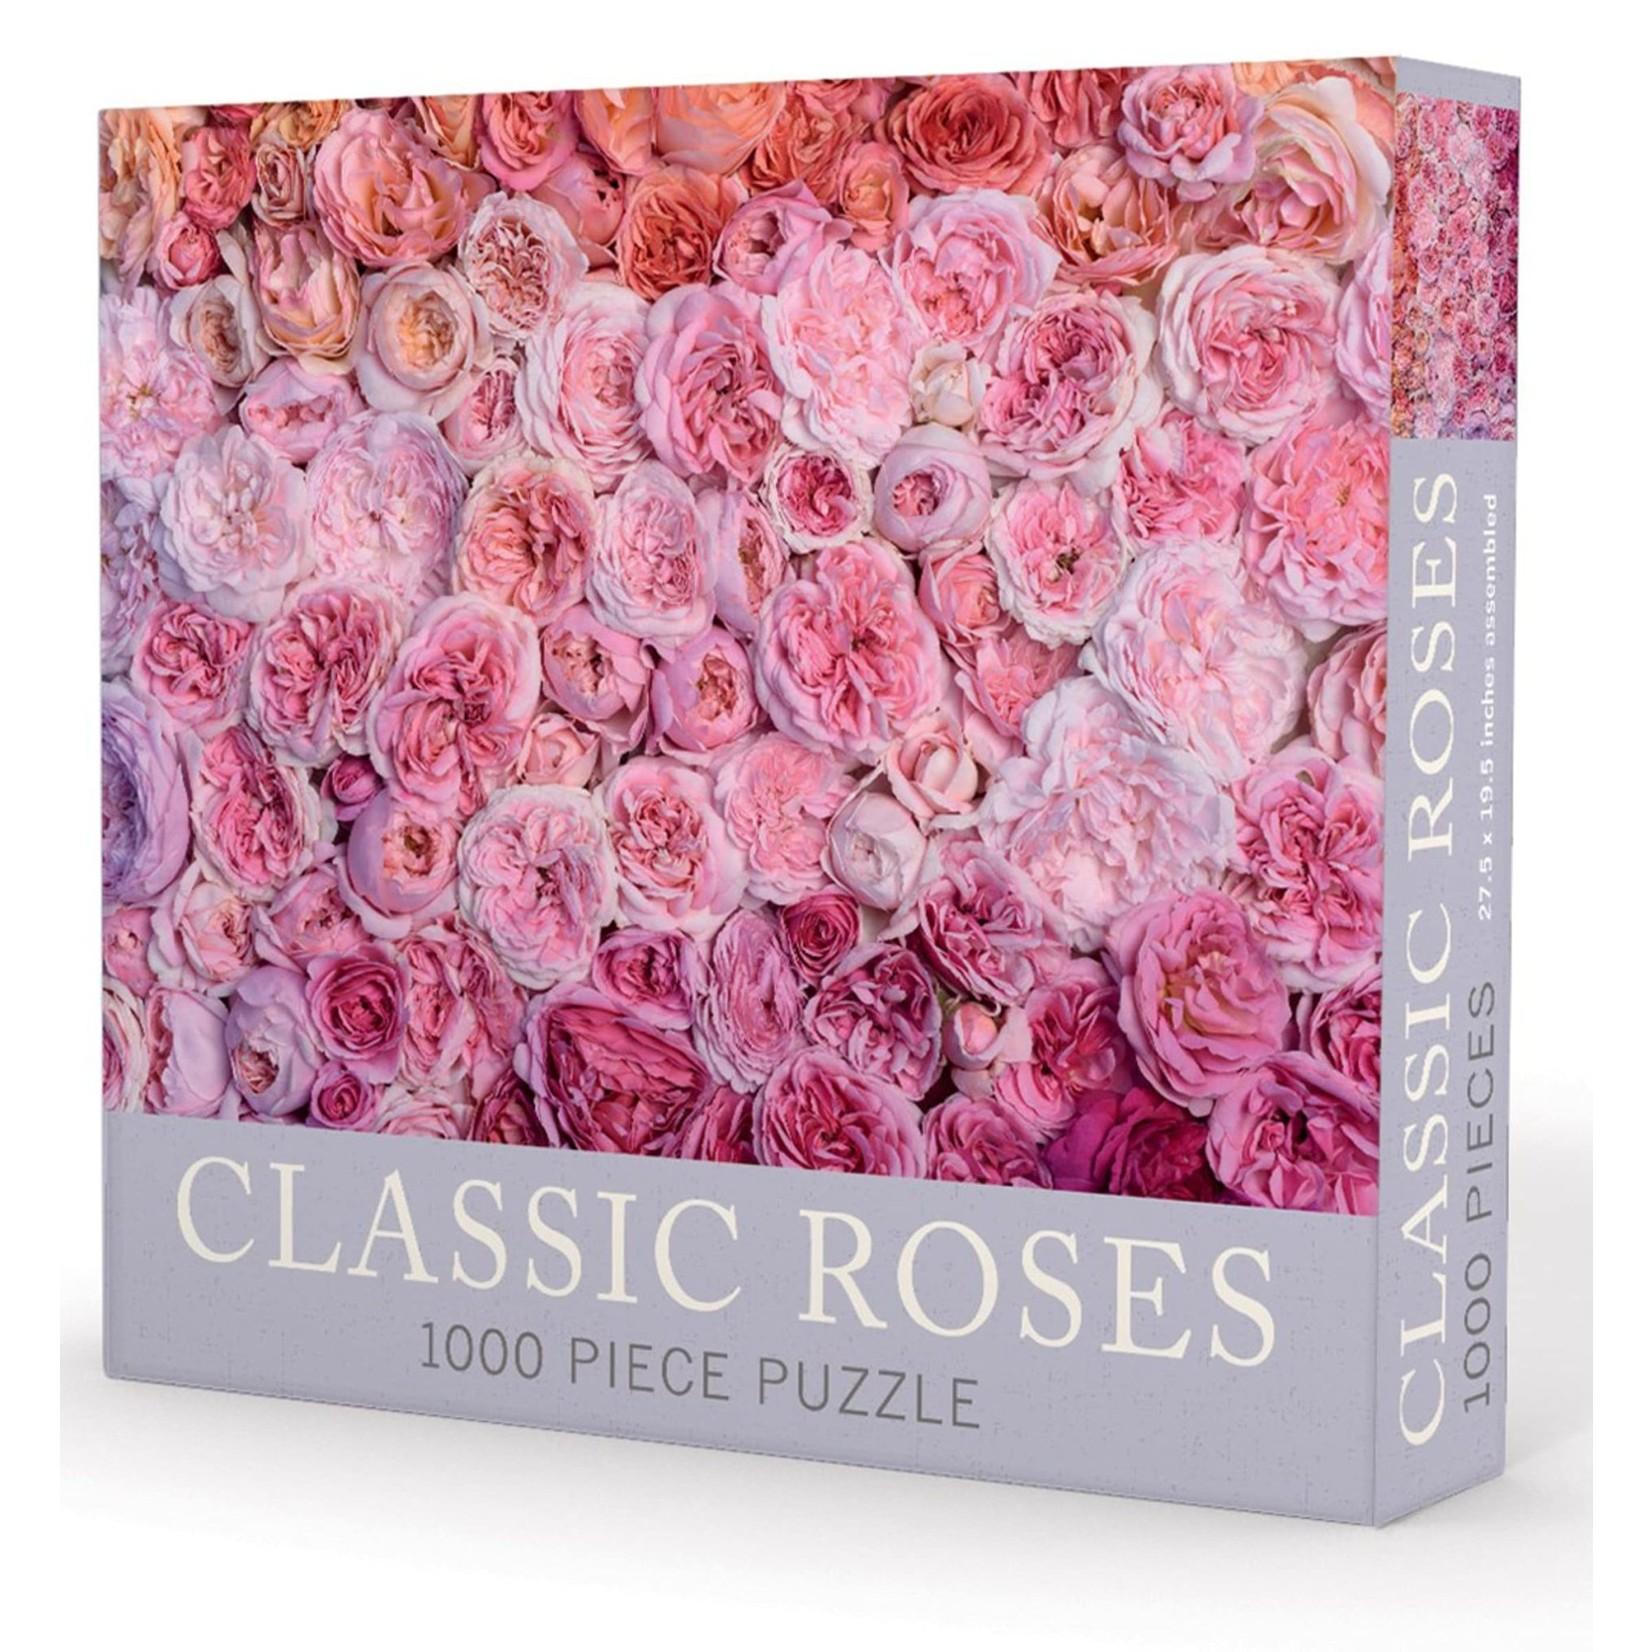 Classic Roses 1000 Piece Puzzle